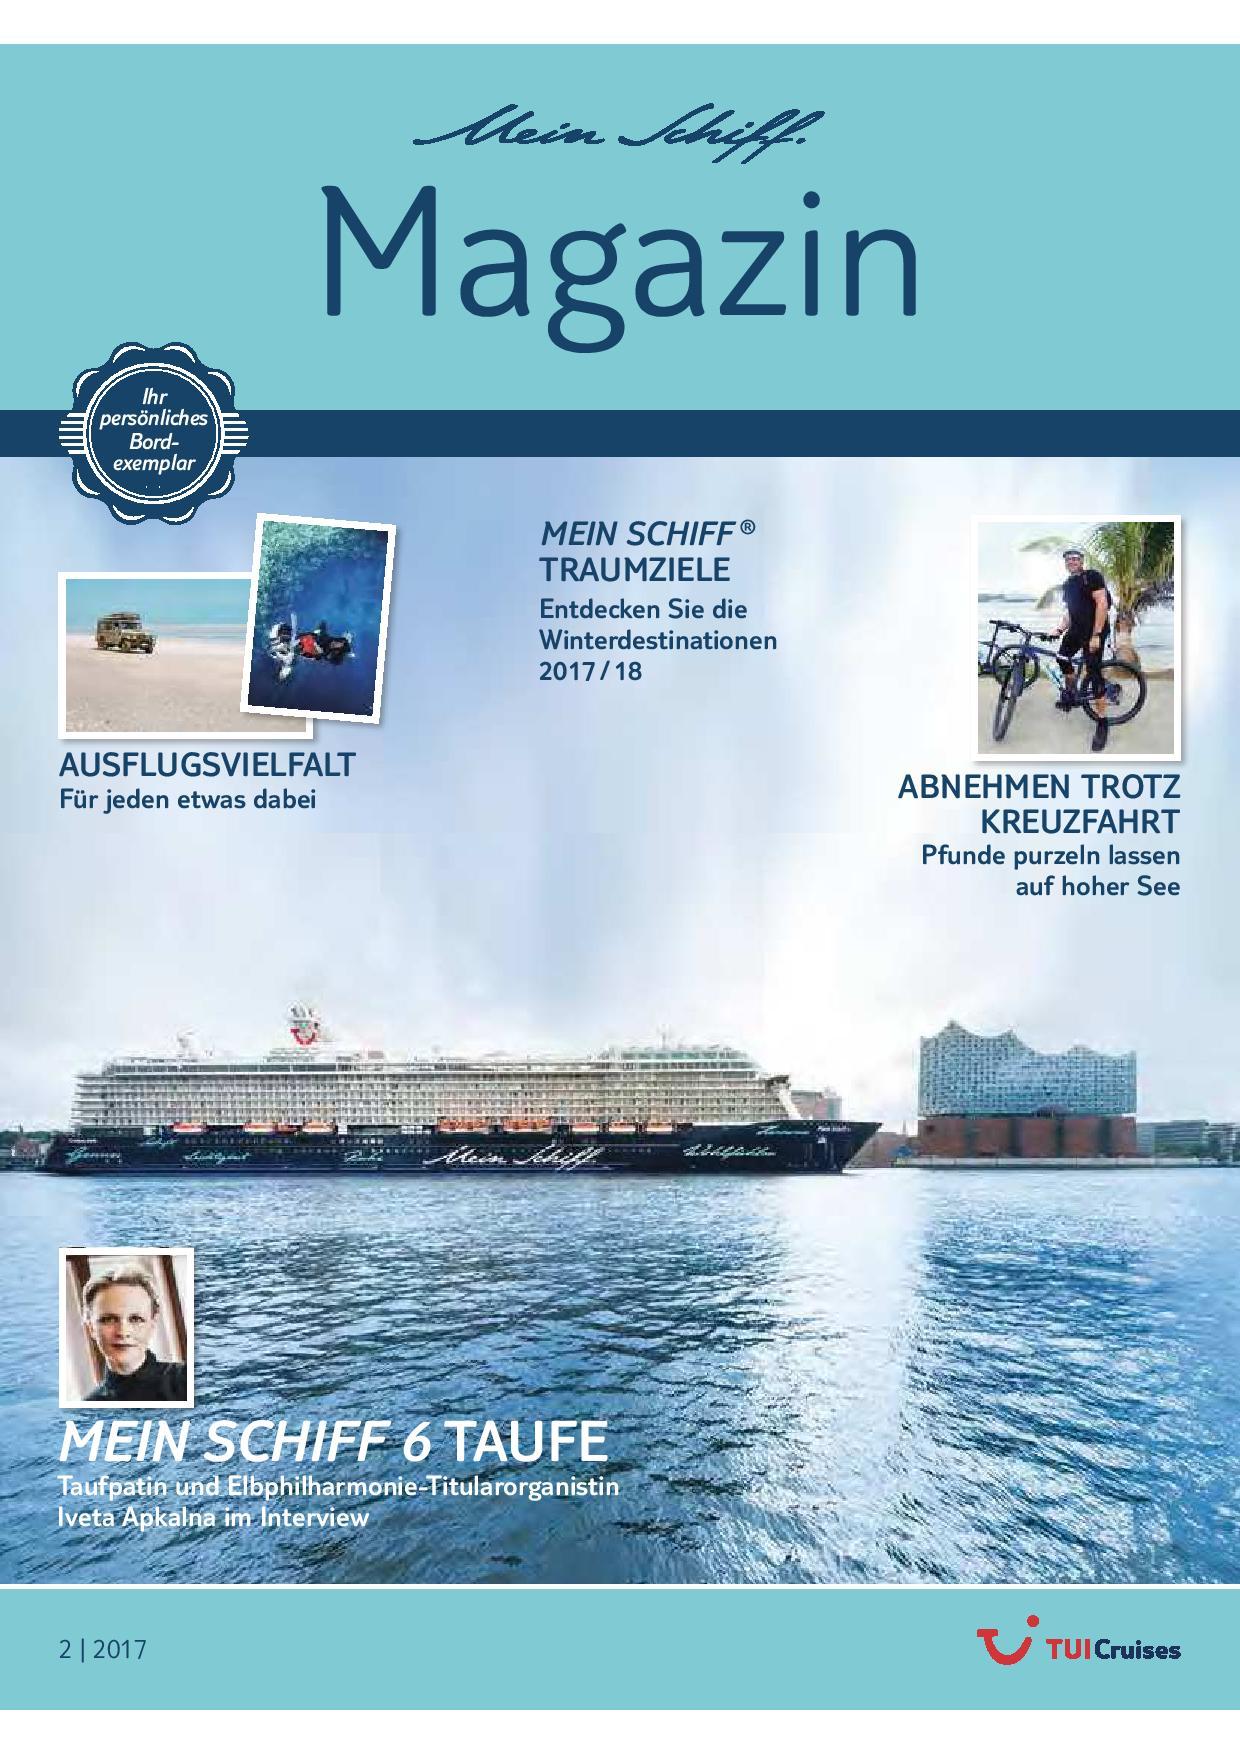 Das Mein Schiff Magazin 2/2017